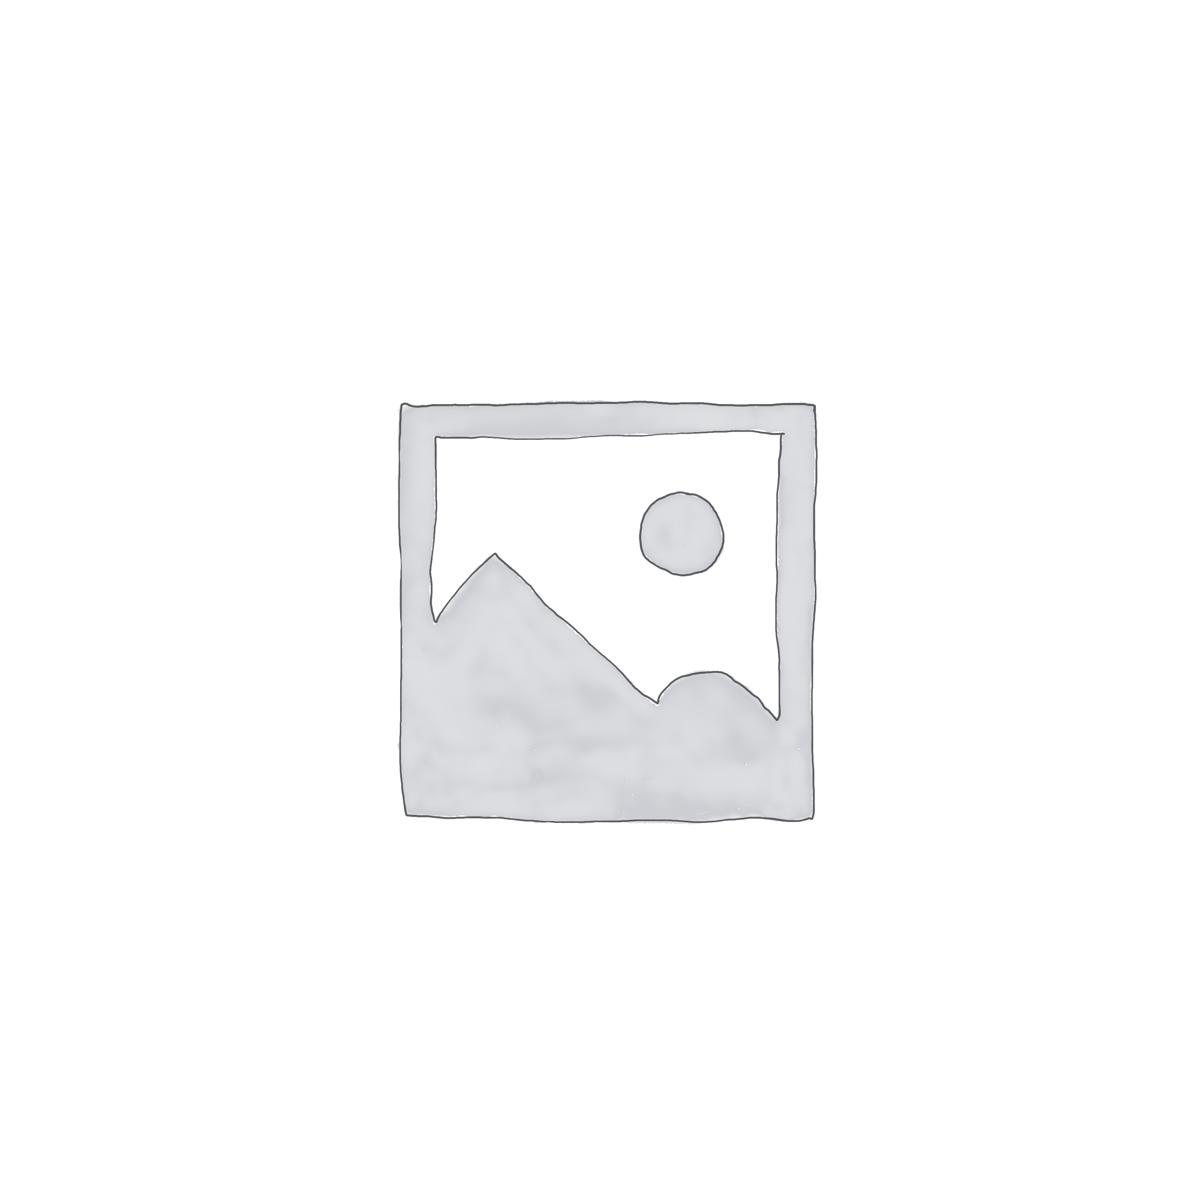 3D Embossed Look Angel Horse Wallpaper Mural